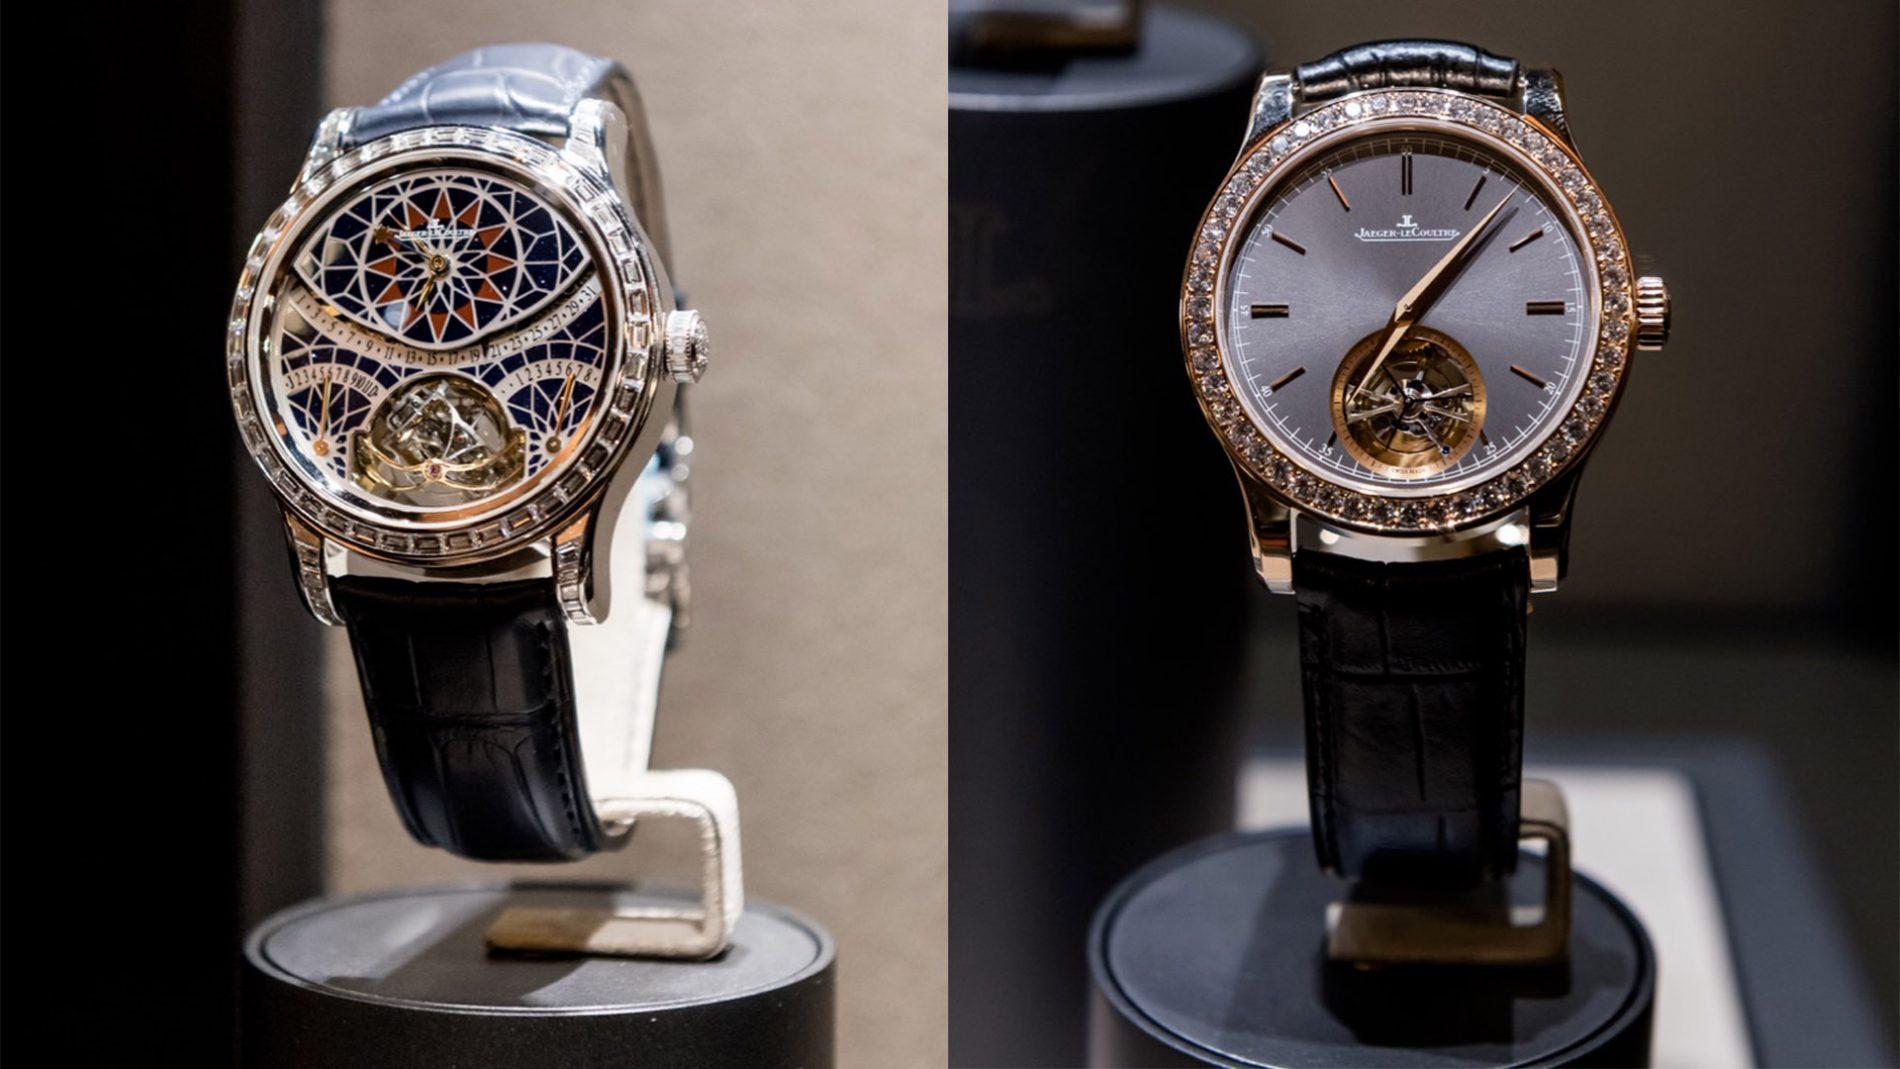 El Corte Inglés Diseñador Relojes Lujo Joyería Masculina Jaeger-LeCoultre